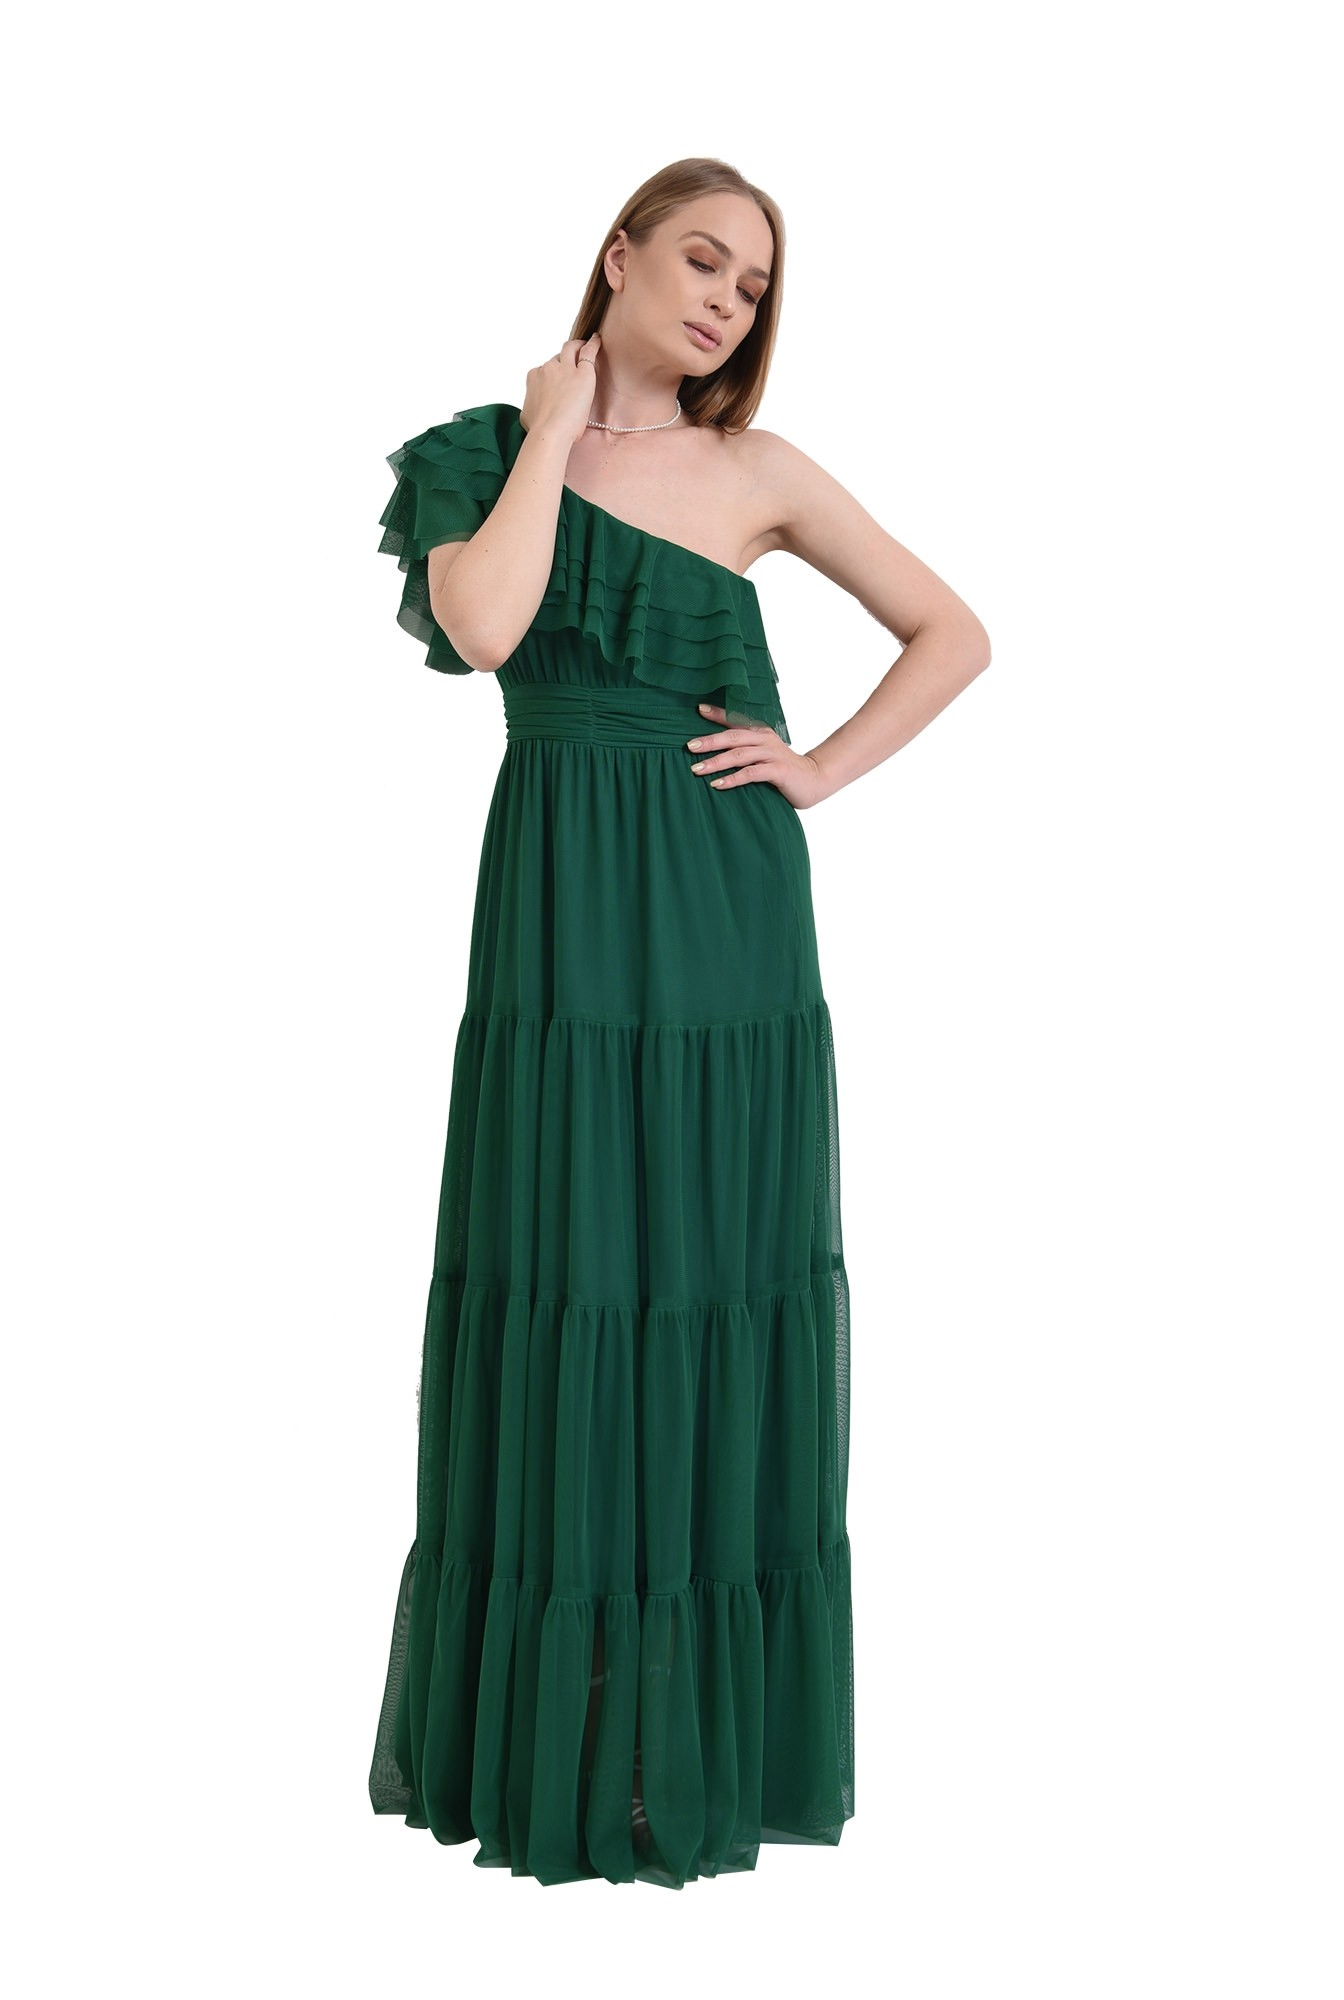 3 - rochie din tul, verde, cu decolteu asimetric